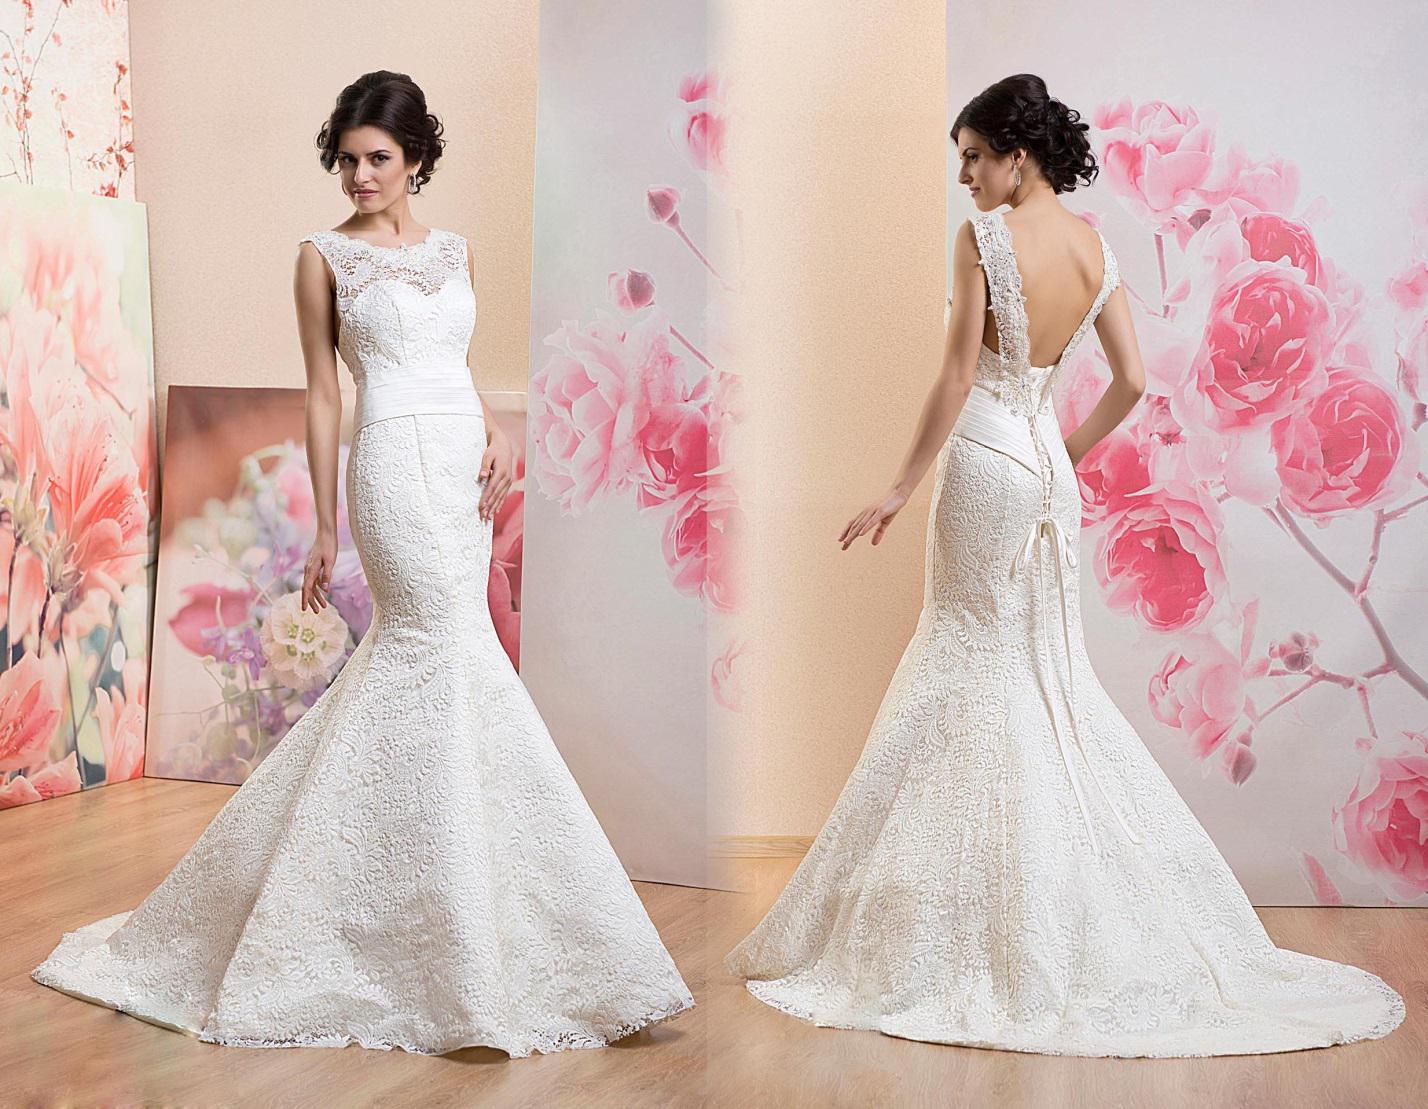 Недорогие свадебные платья от 2500 р в салоне Свадебный мир